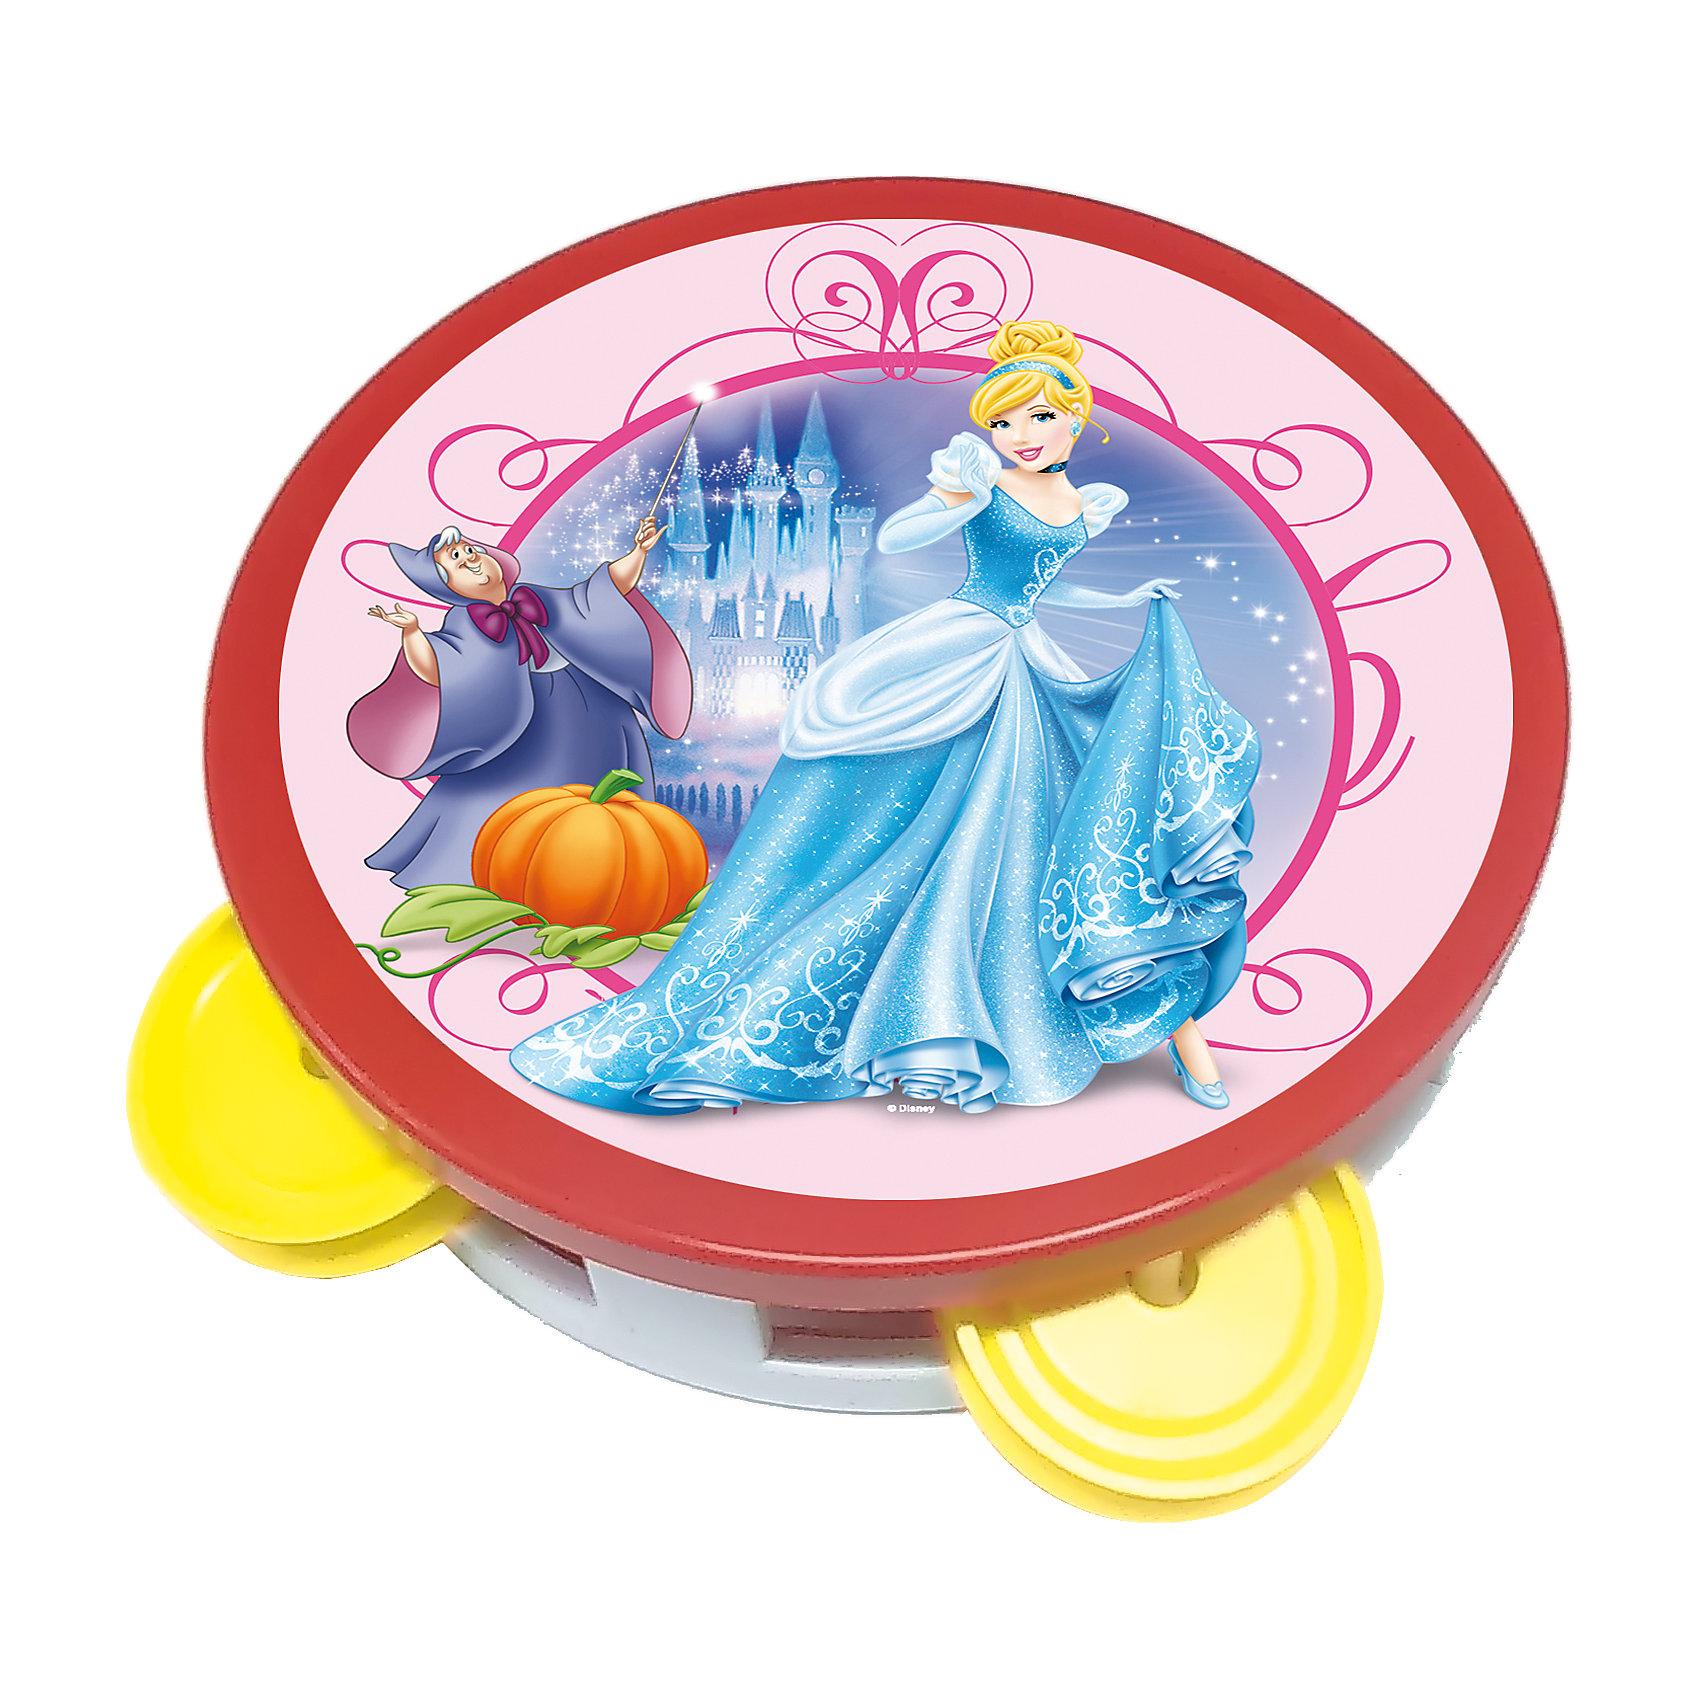 Бубен большой Принцессы-8. Золушка, Рыжий котПринцессы Дисней<br>Бубен большой Принцессы-8, Рыжий кот.<br><br>Характеристики:<br><br>• Для детей в возрасте от 3-х лет<br>• Диаметр: 14 см.<br>• Материал: пластик<br>• Упаковка: пакет с европодвесом<br>• Произведено в России<br><br>Бубен вызовет восторг у вашего маленького музыканта. На бубен нанесен яркий рисунок с изображением принцессы Disney Золушки спешащей на бал, который непременно понравится девочке. Размер бубна позволяет малышке крепко держать его маленькими ручками. Игра на музыкальном инструменте поможет малышке развить слух, чувство ритма, музыкальные способности, и подарит ребенку и всей семье массу удовольствия.<br><br>Бубен большой Принцессы-8, Рыжий кот можно купить в нашем интернет-магазине.<br><br>Ширина мм: 140<br>Глубина мм: 140<br>Высота мм: 30<br>Вес г: 75<br>Возраст от месяцев: 36<br>Возраст до месяцев: 2147483647<br>Пол: Женский<br>Возраст: Детский<br>SKU: 5453894